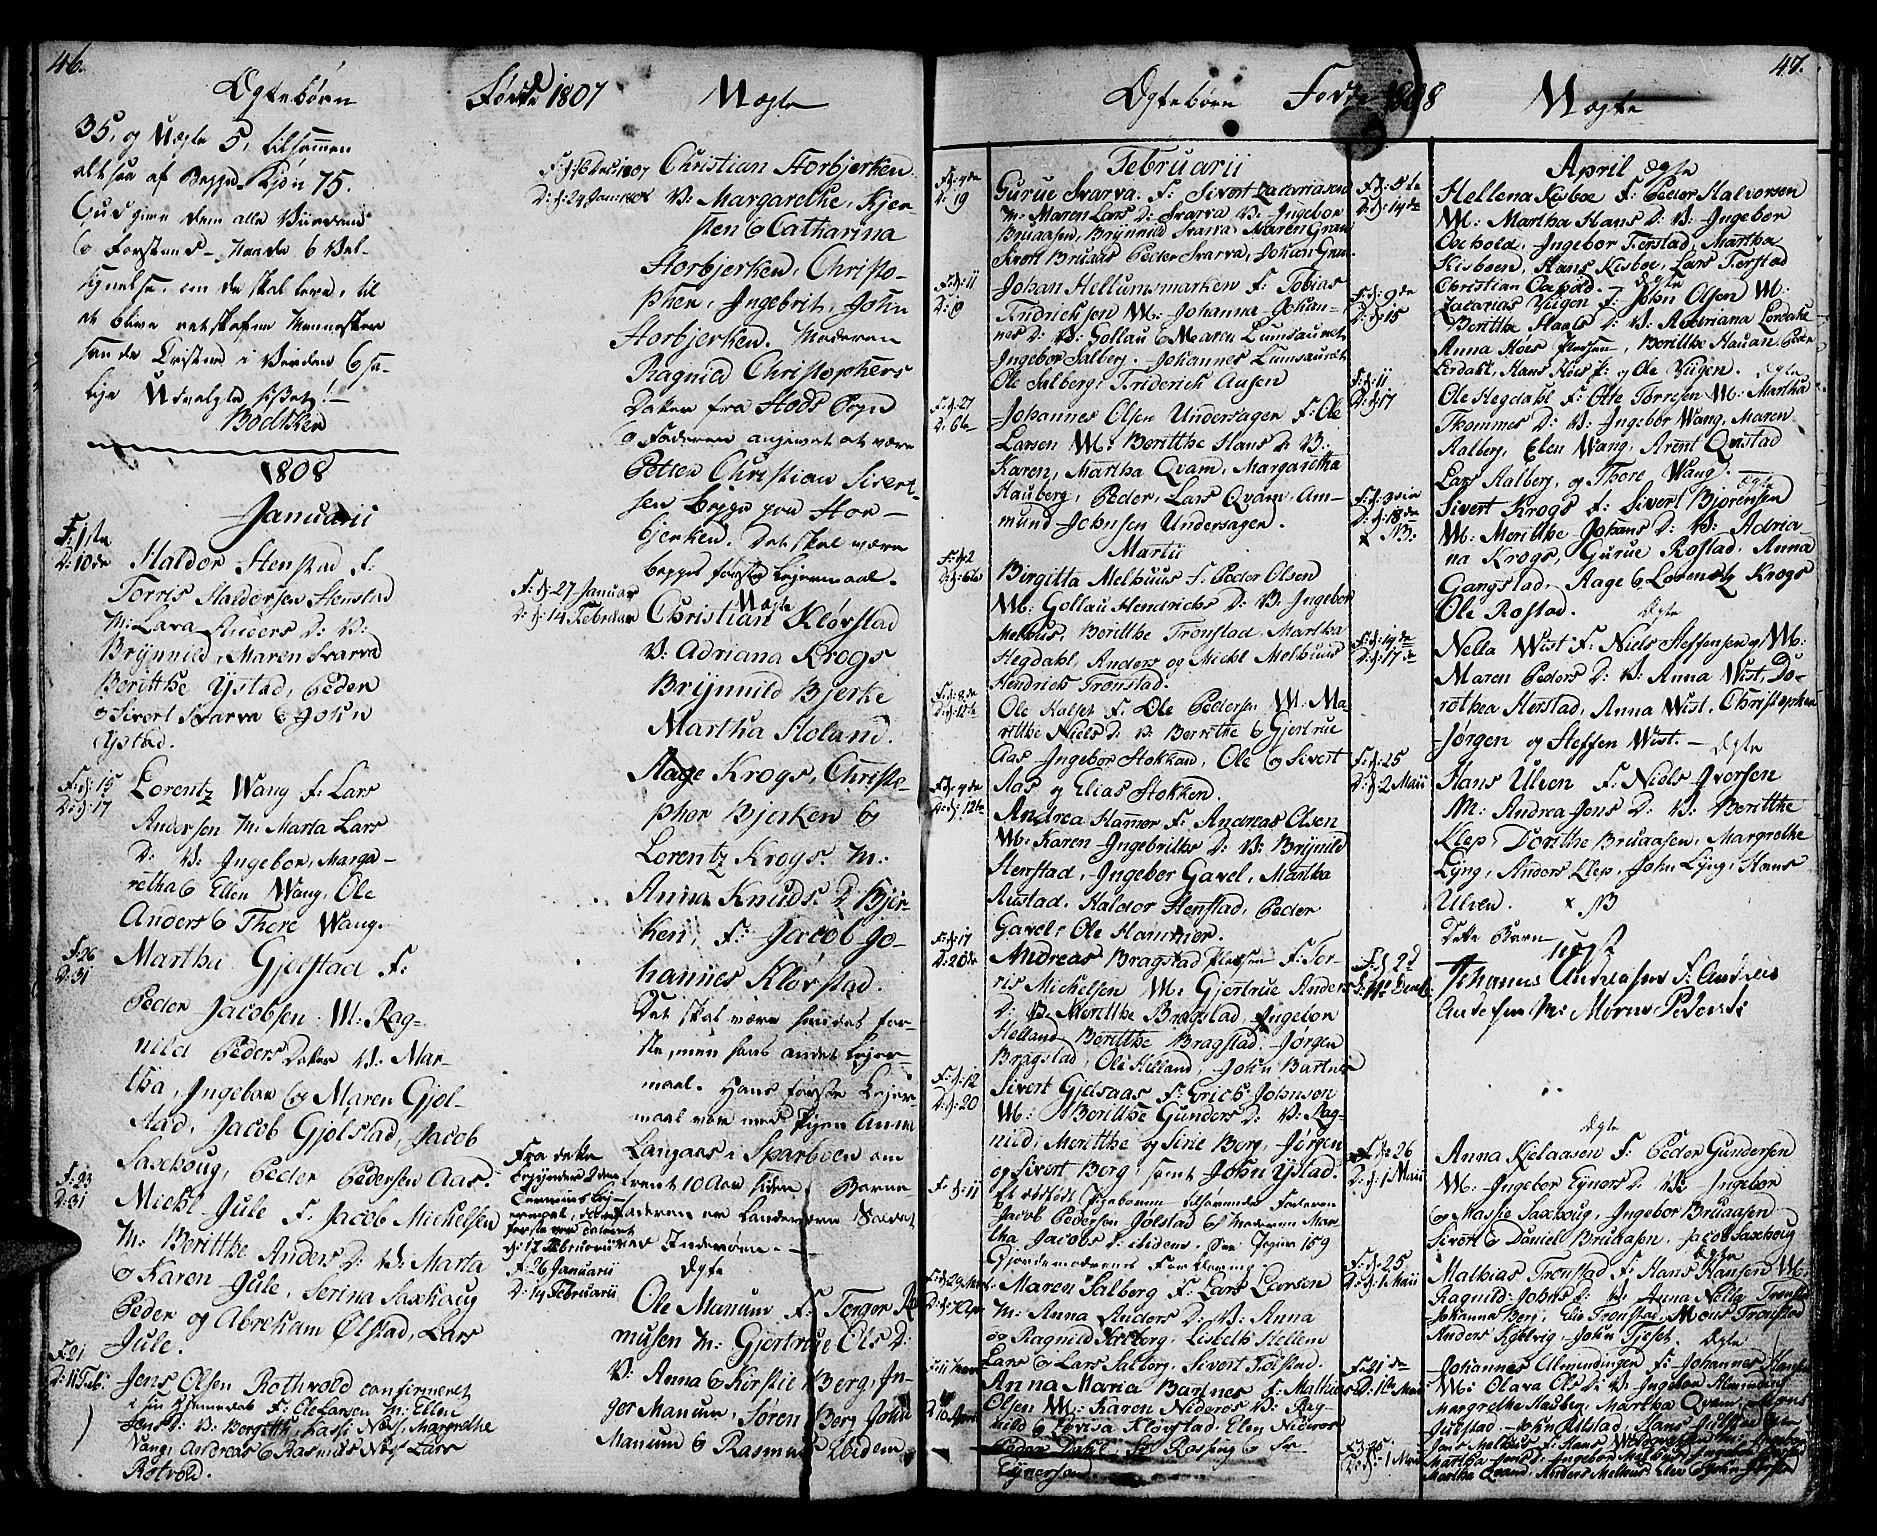 SAT, Ministerialprotokoller, klokkerbøker og fødselsregistre - Nord-Trøndelag, 730/L0274: Ministerialbok nr. 730A03, 1802-1816, s. 46-47